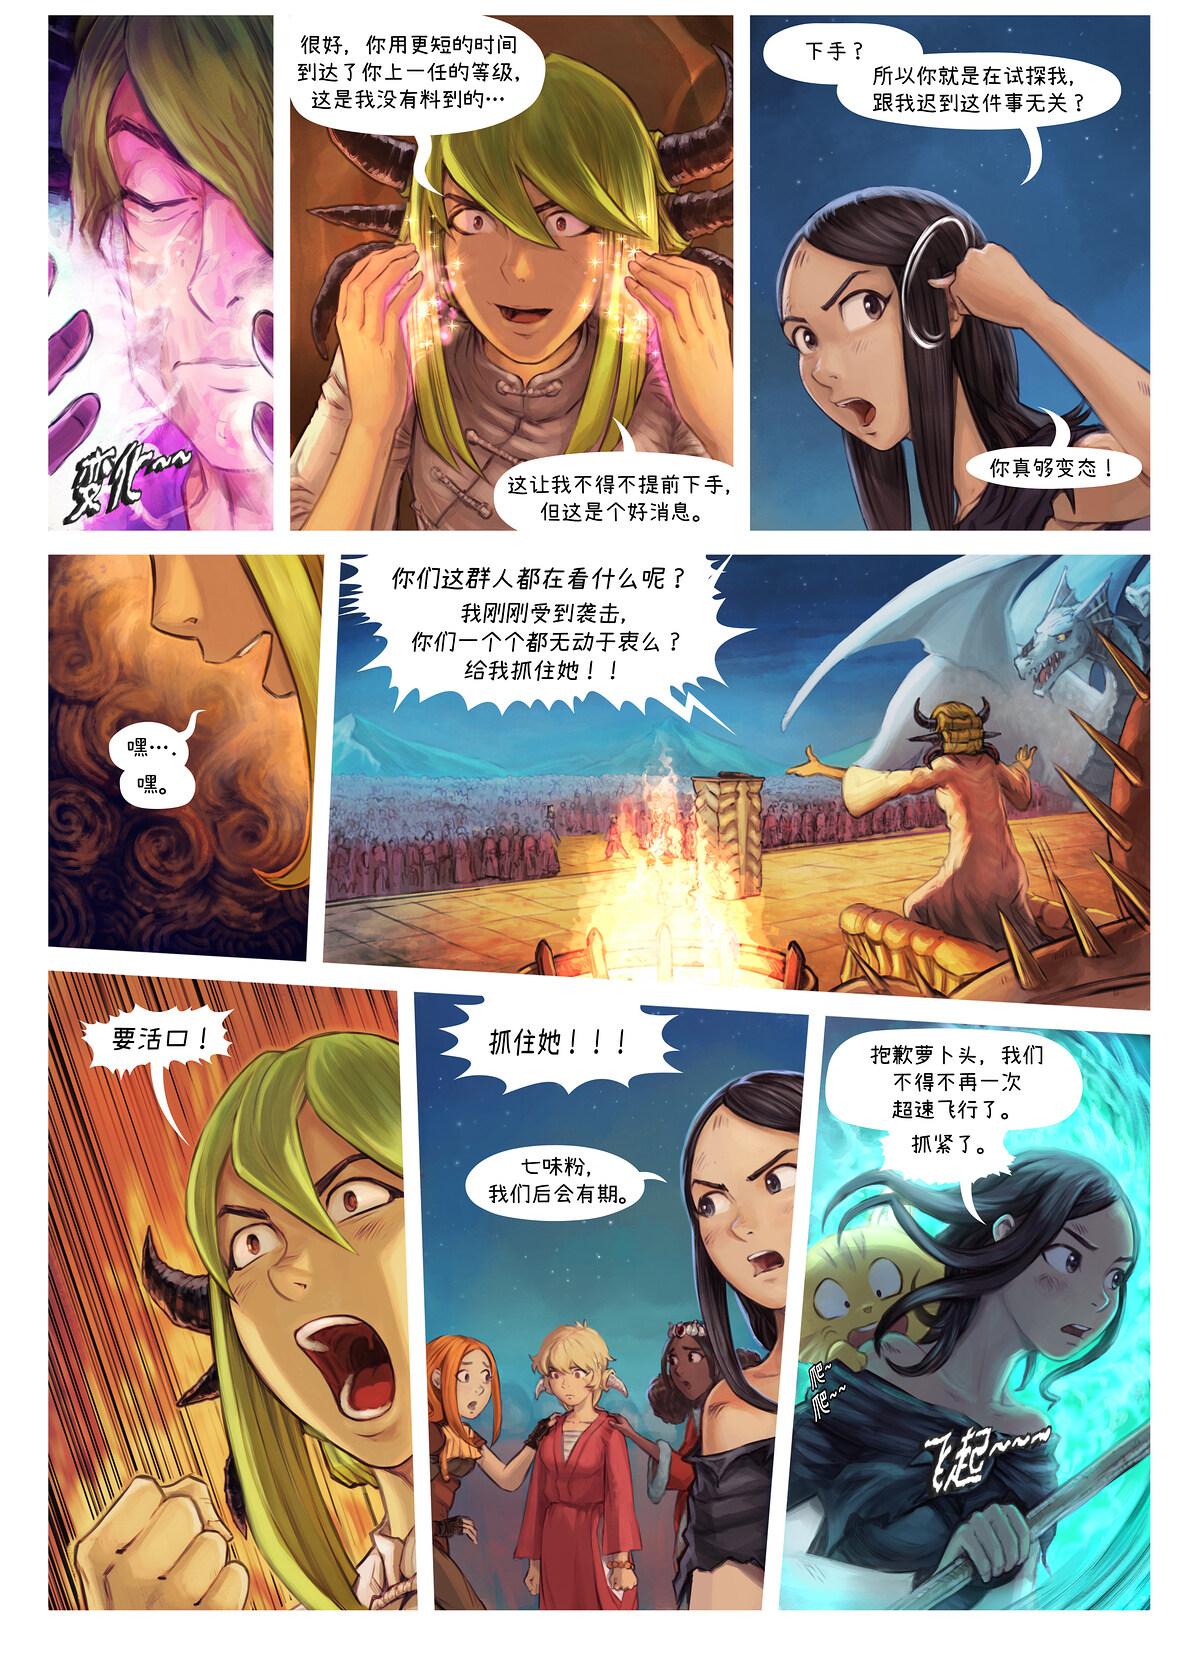 第34集:七味粉的册封仪式, Page 9